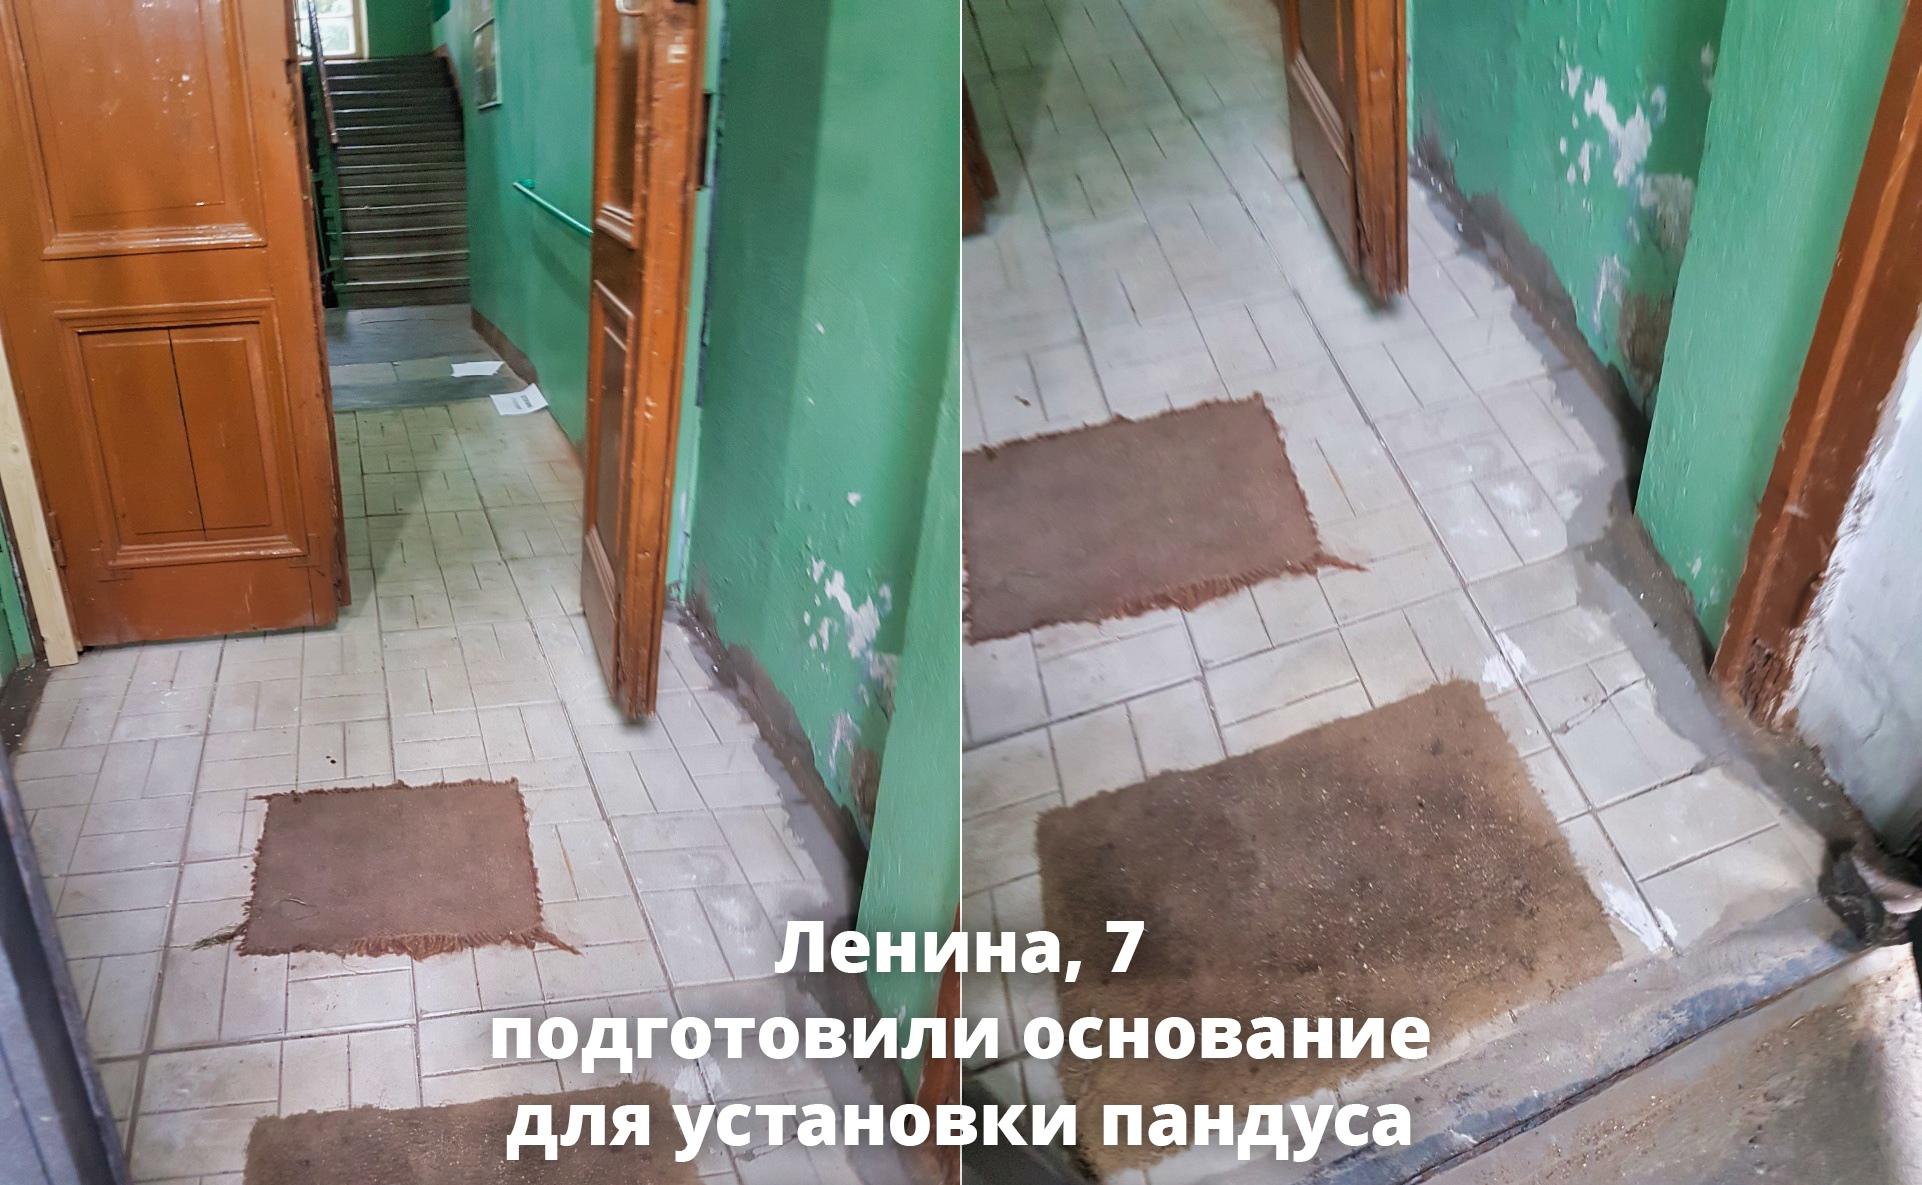 Подготовили место для пандуса на Ленина, 7